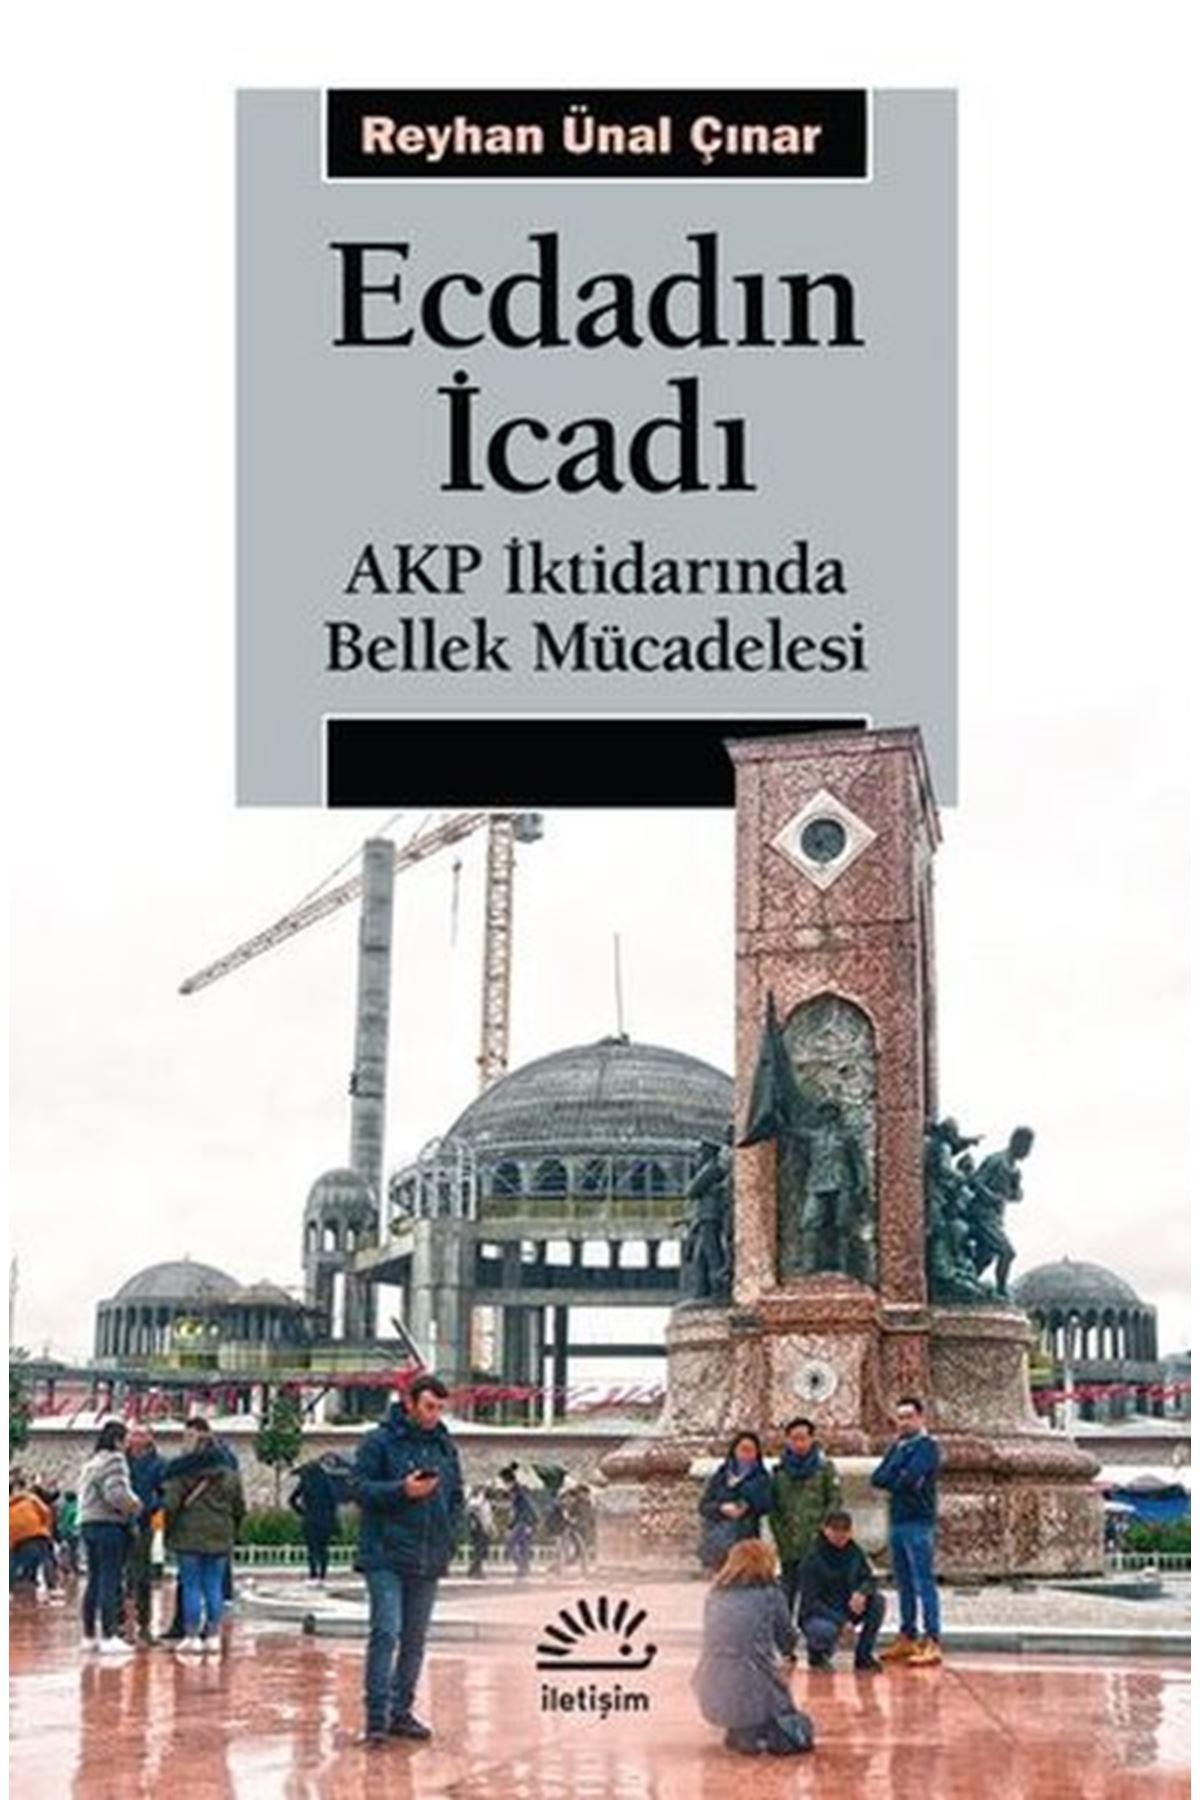 REYHAN ÜNAL ÇINAR - ECDADIN İCADI - AKP İKTİDARINDA BELLEK MÜCADELESİ